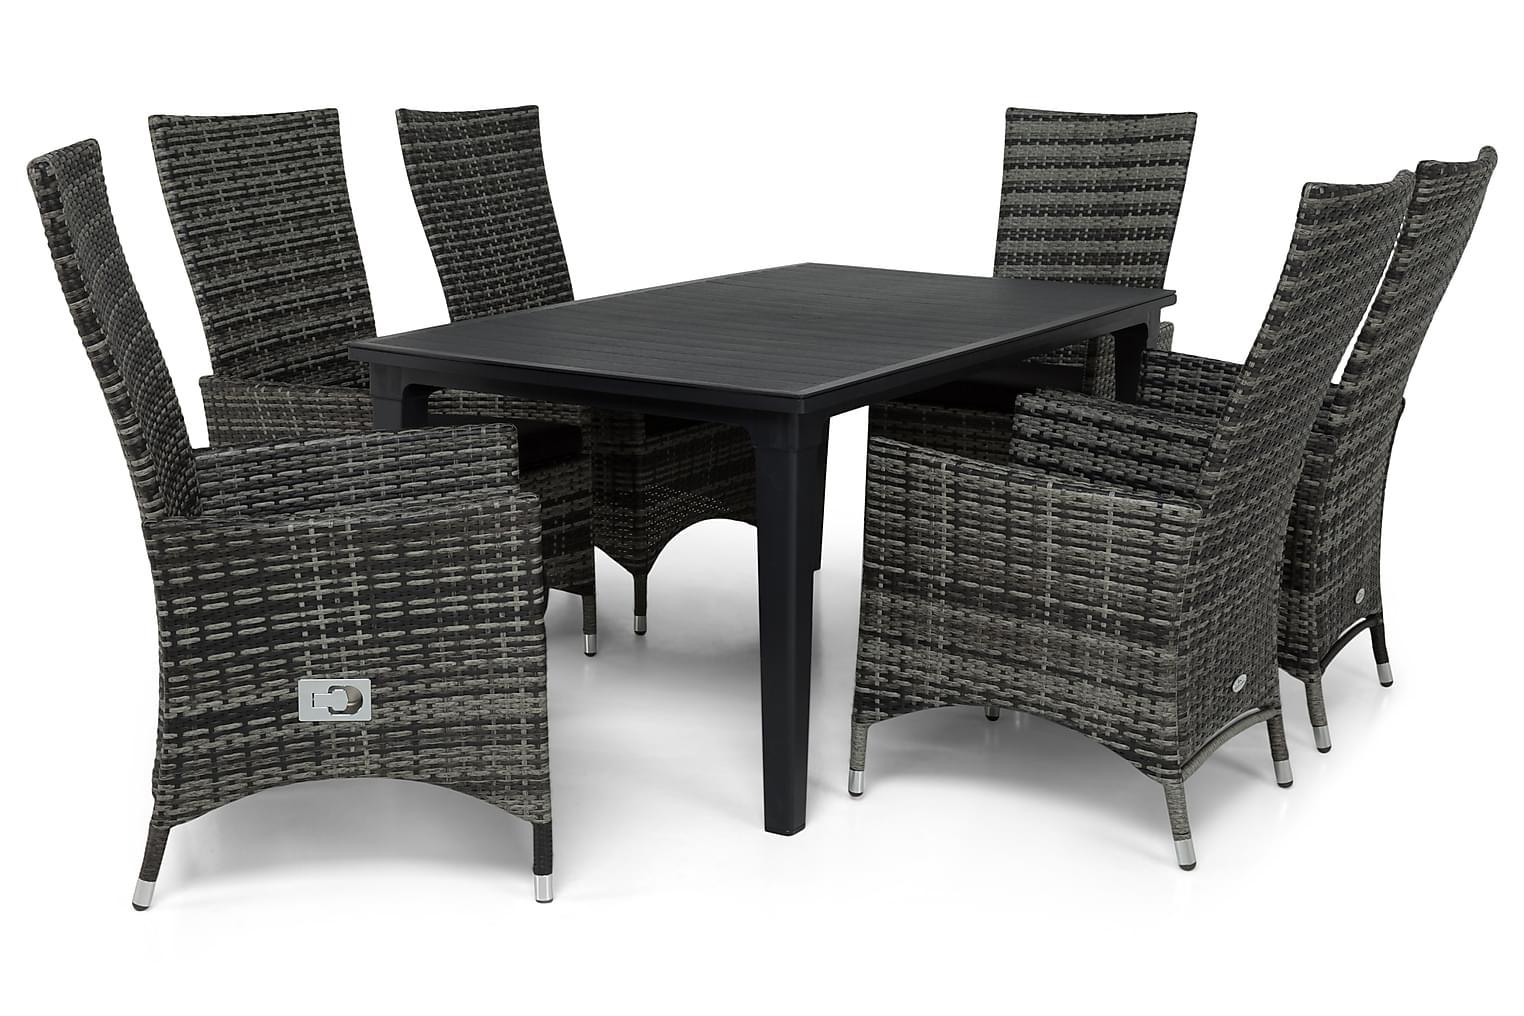 ALAMOSA Pöytä 165 + 6 JENNIE Säädettävää nojatuolia Harmaa